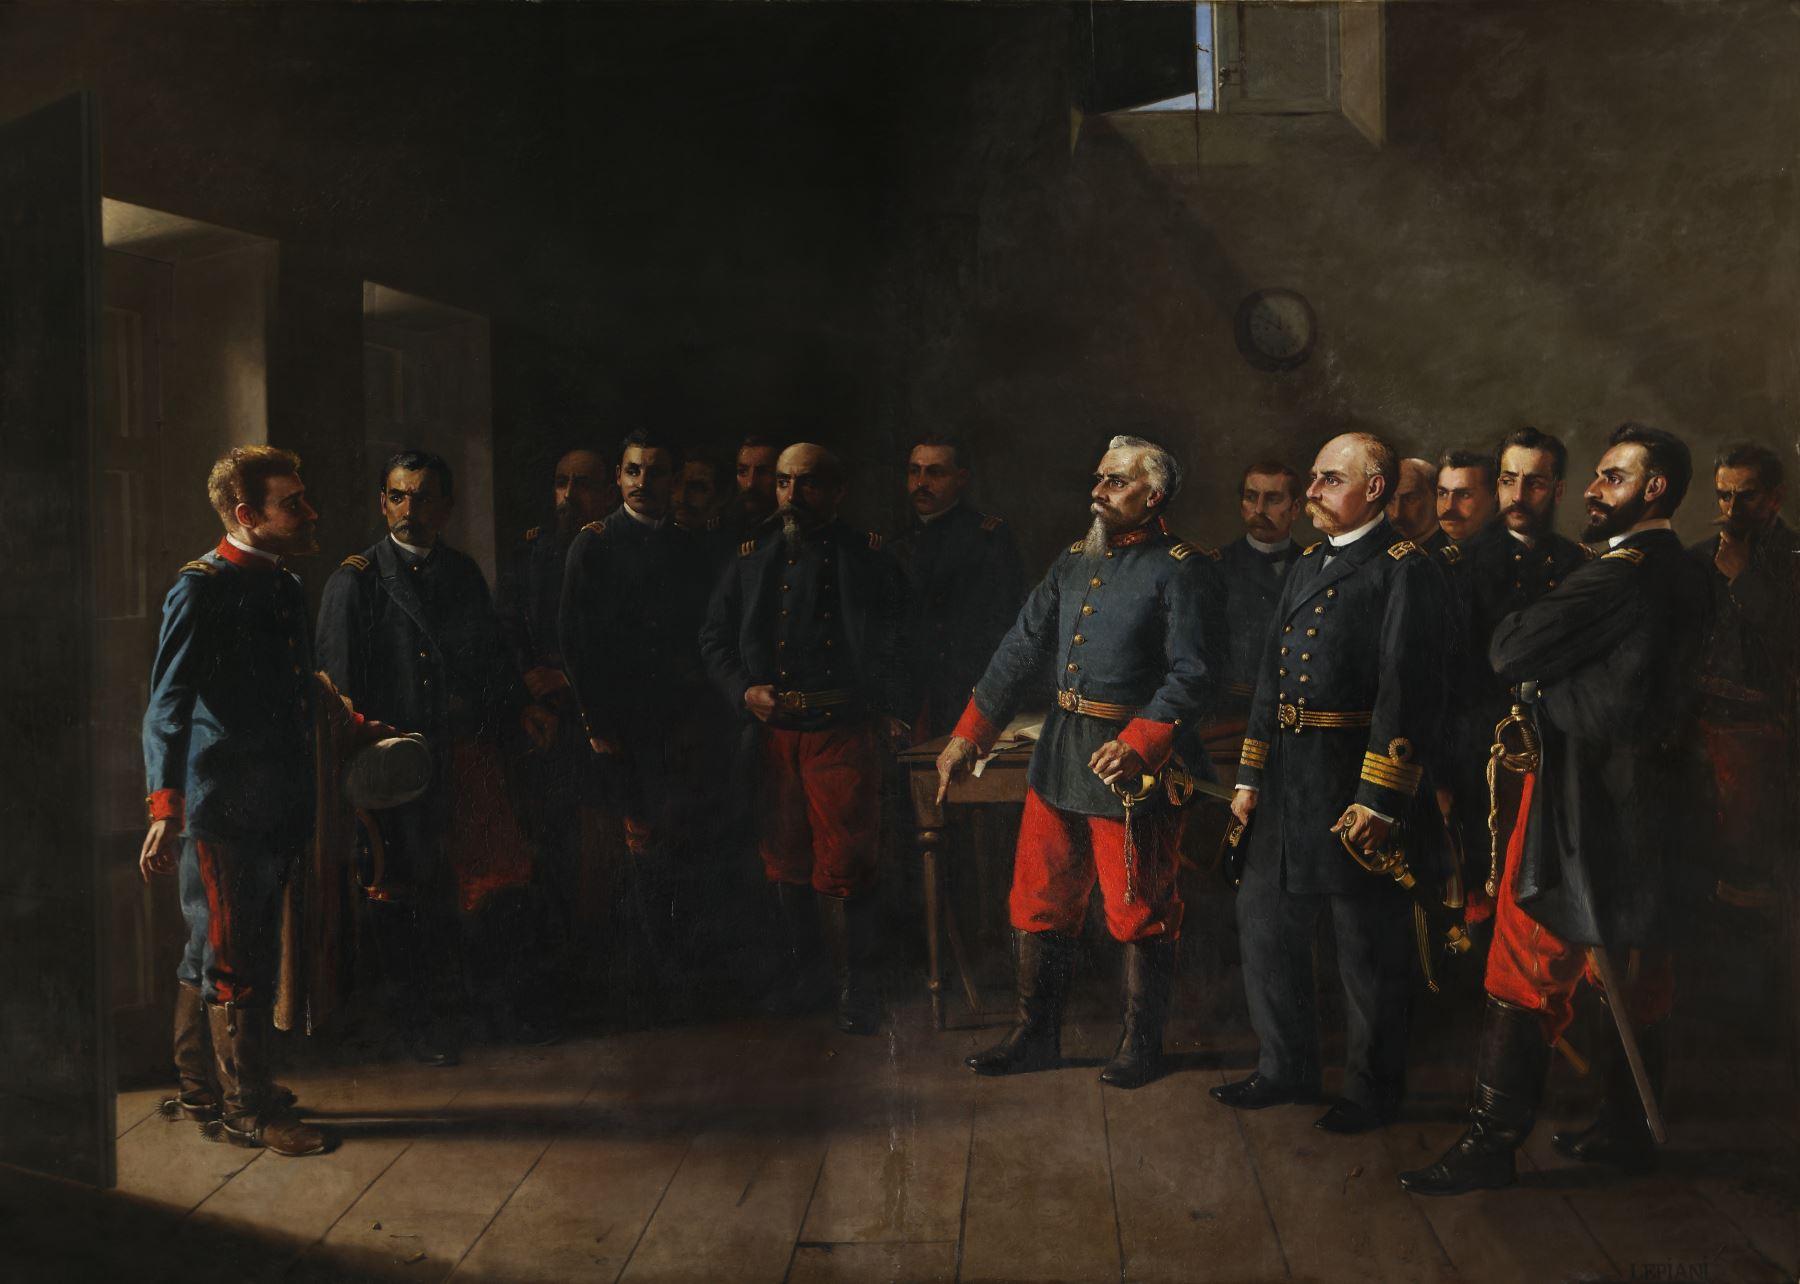 """Francisco Bolognesi y su plana de oficiales representados en """"La respuesta"""" del pintor, Juan Lepiani. Foto: Cortesía"""